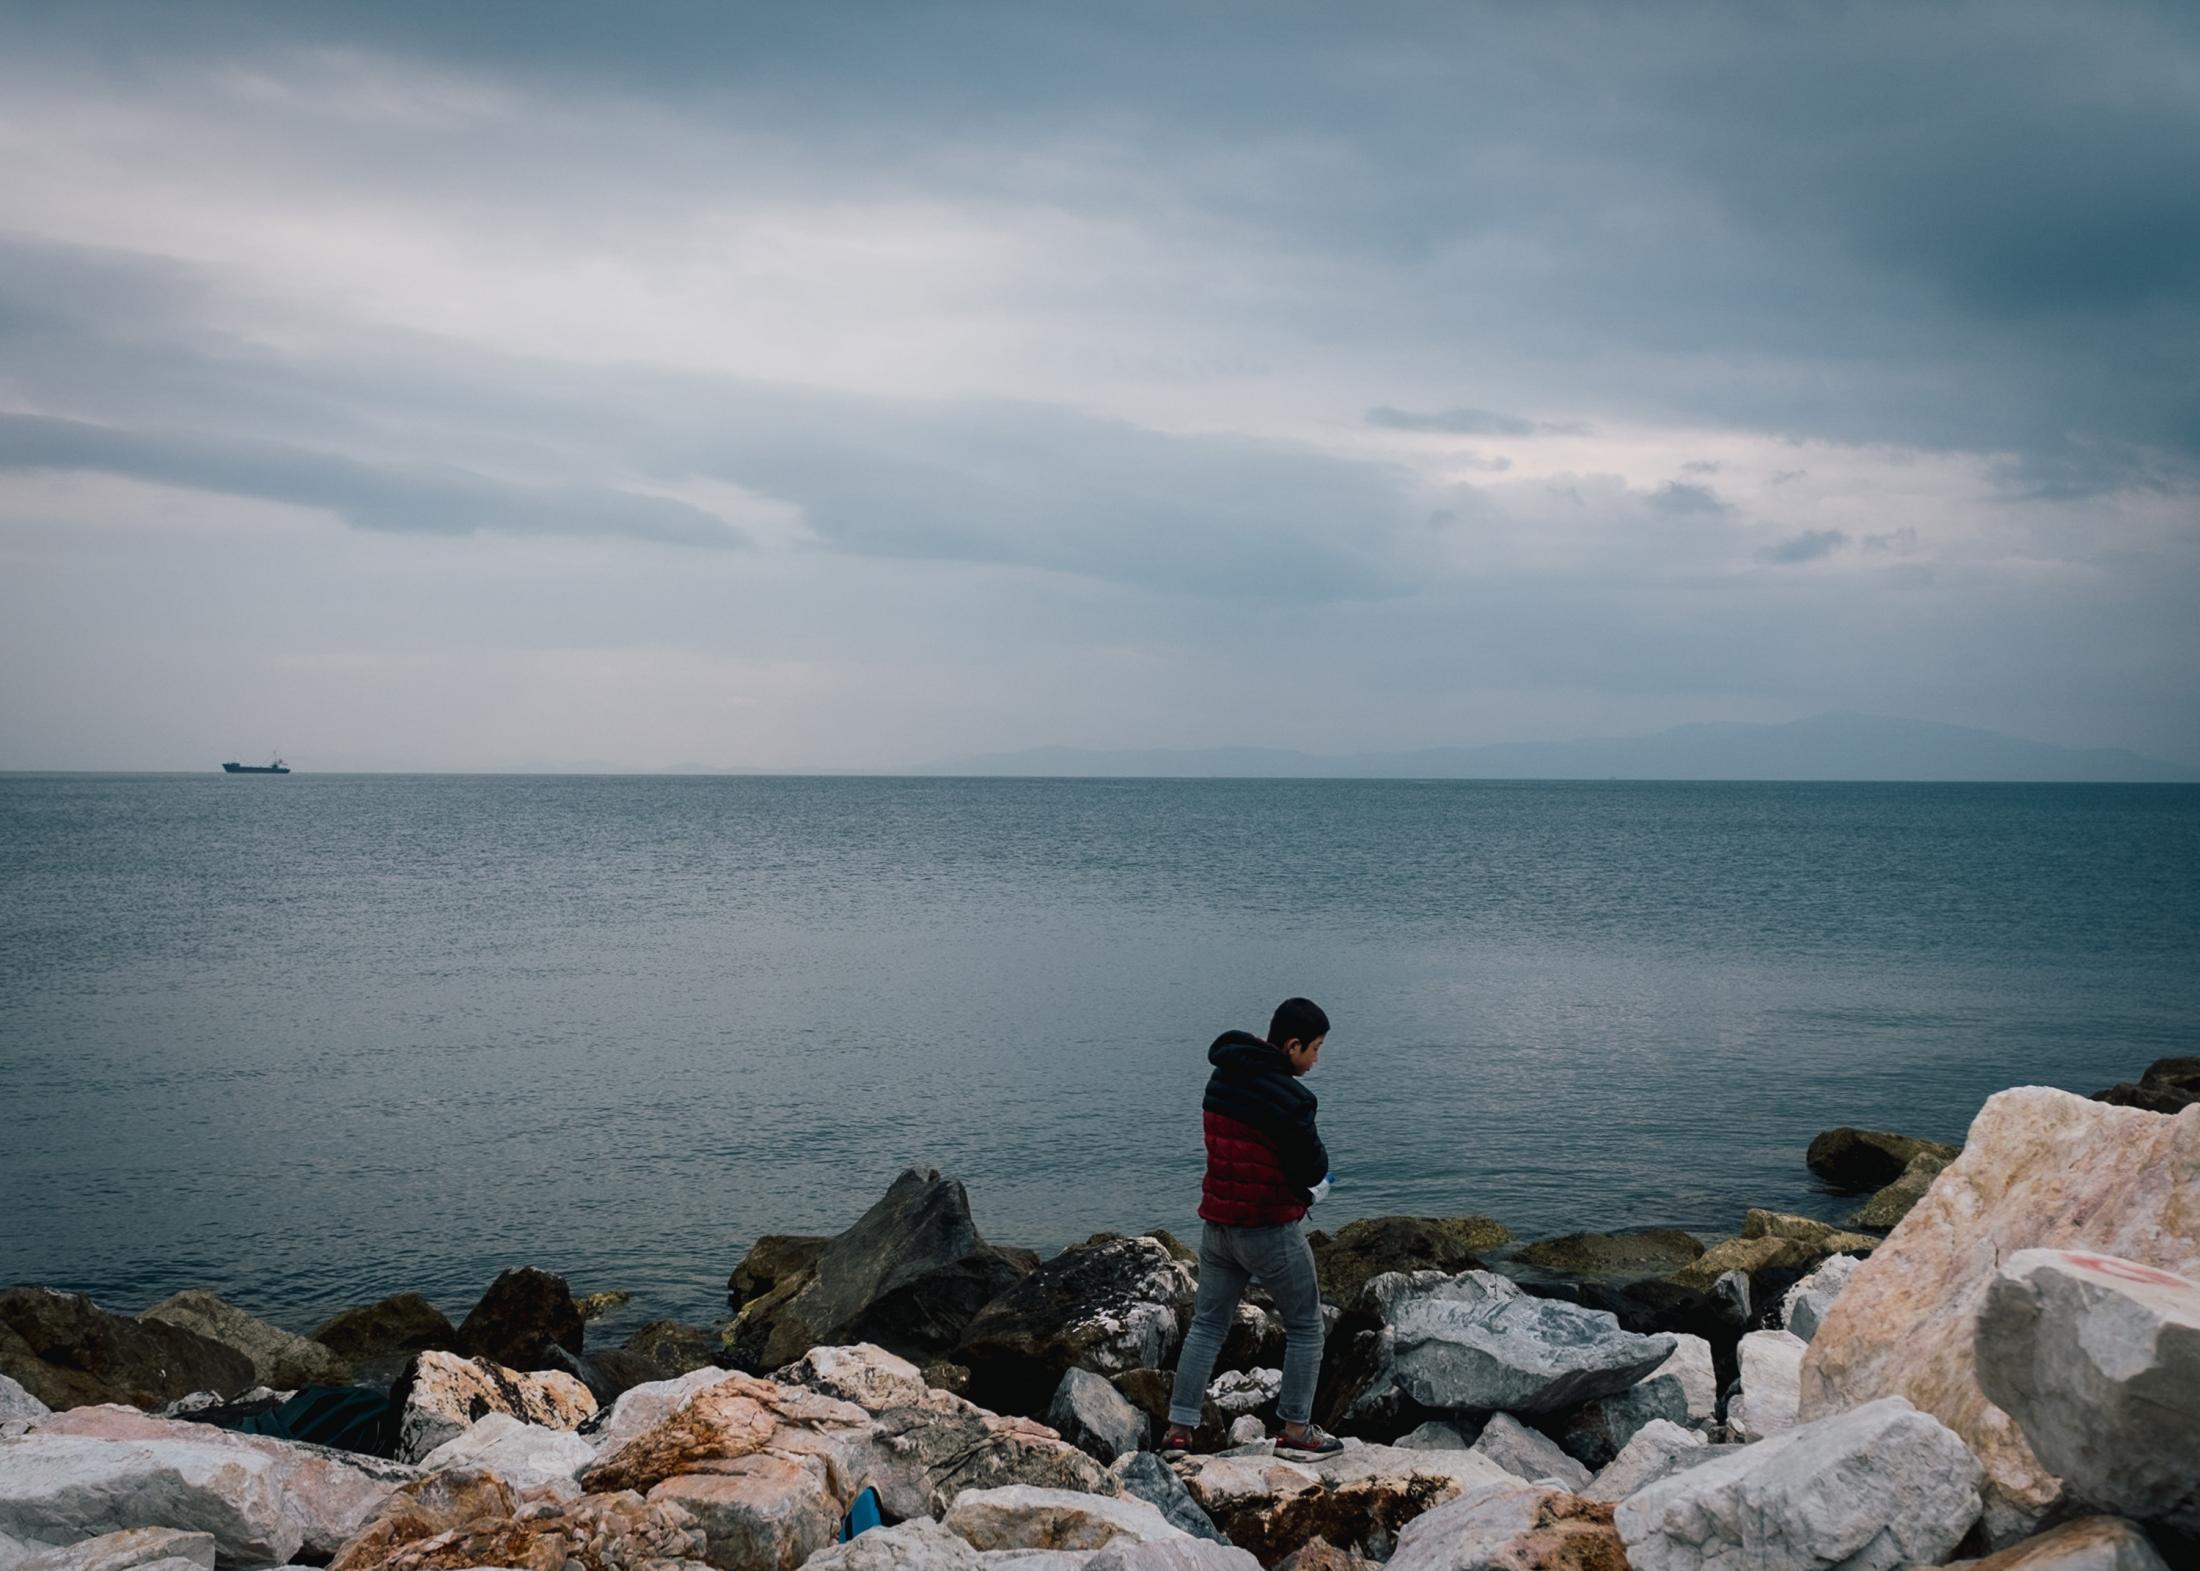 Auf der Insel Lesbos werden ankommende Geflüchete seit dem 01.03.2020 nicht mehr in das Lager Moria gebracht, sondern müssen so lange im Bauch eines Kriegschiffes der griechischen Marine ausharren, bis sie mit diesem auf das Festland gebracht werden. Zurzeit schlafen dort mehr als 500 Geflüchtete.